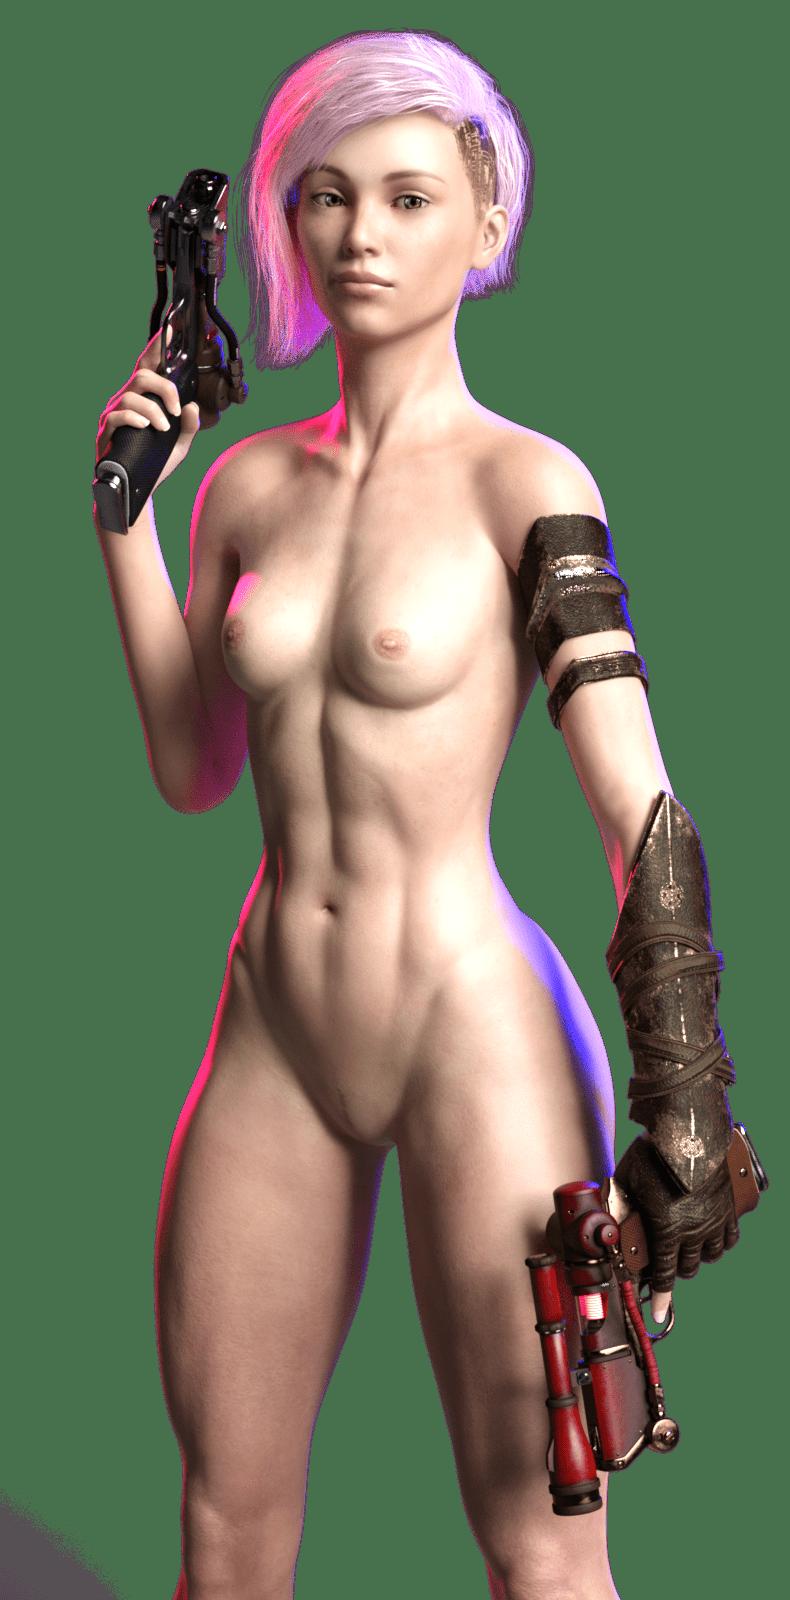 Порно Cyberpunk 2077, подборка Без цензуры, Большая грудь, Лесбиянки, По играм, Фемдом